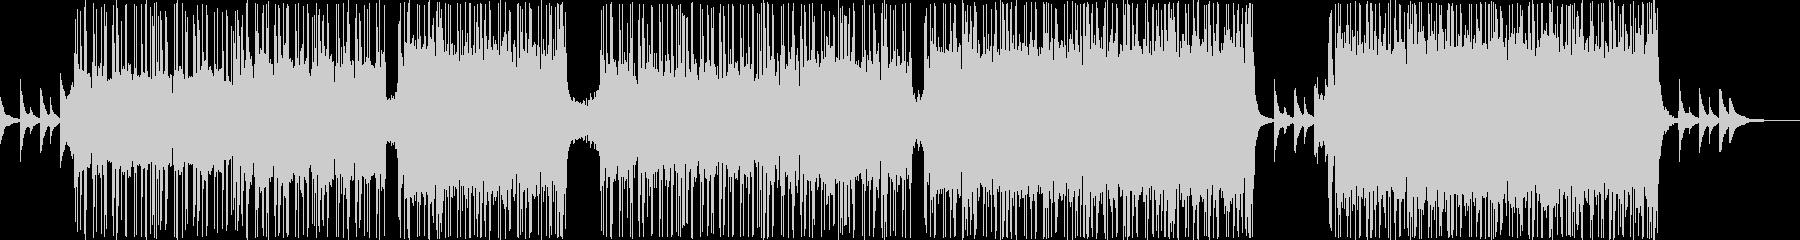 エレクトロニック・ポップなBGMの未再生の波形